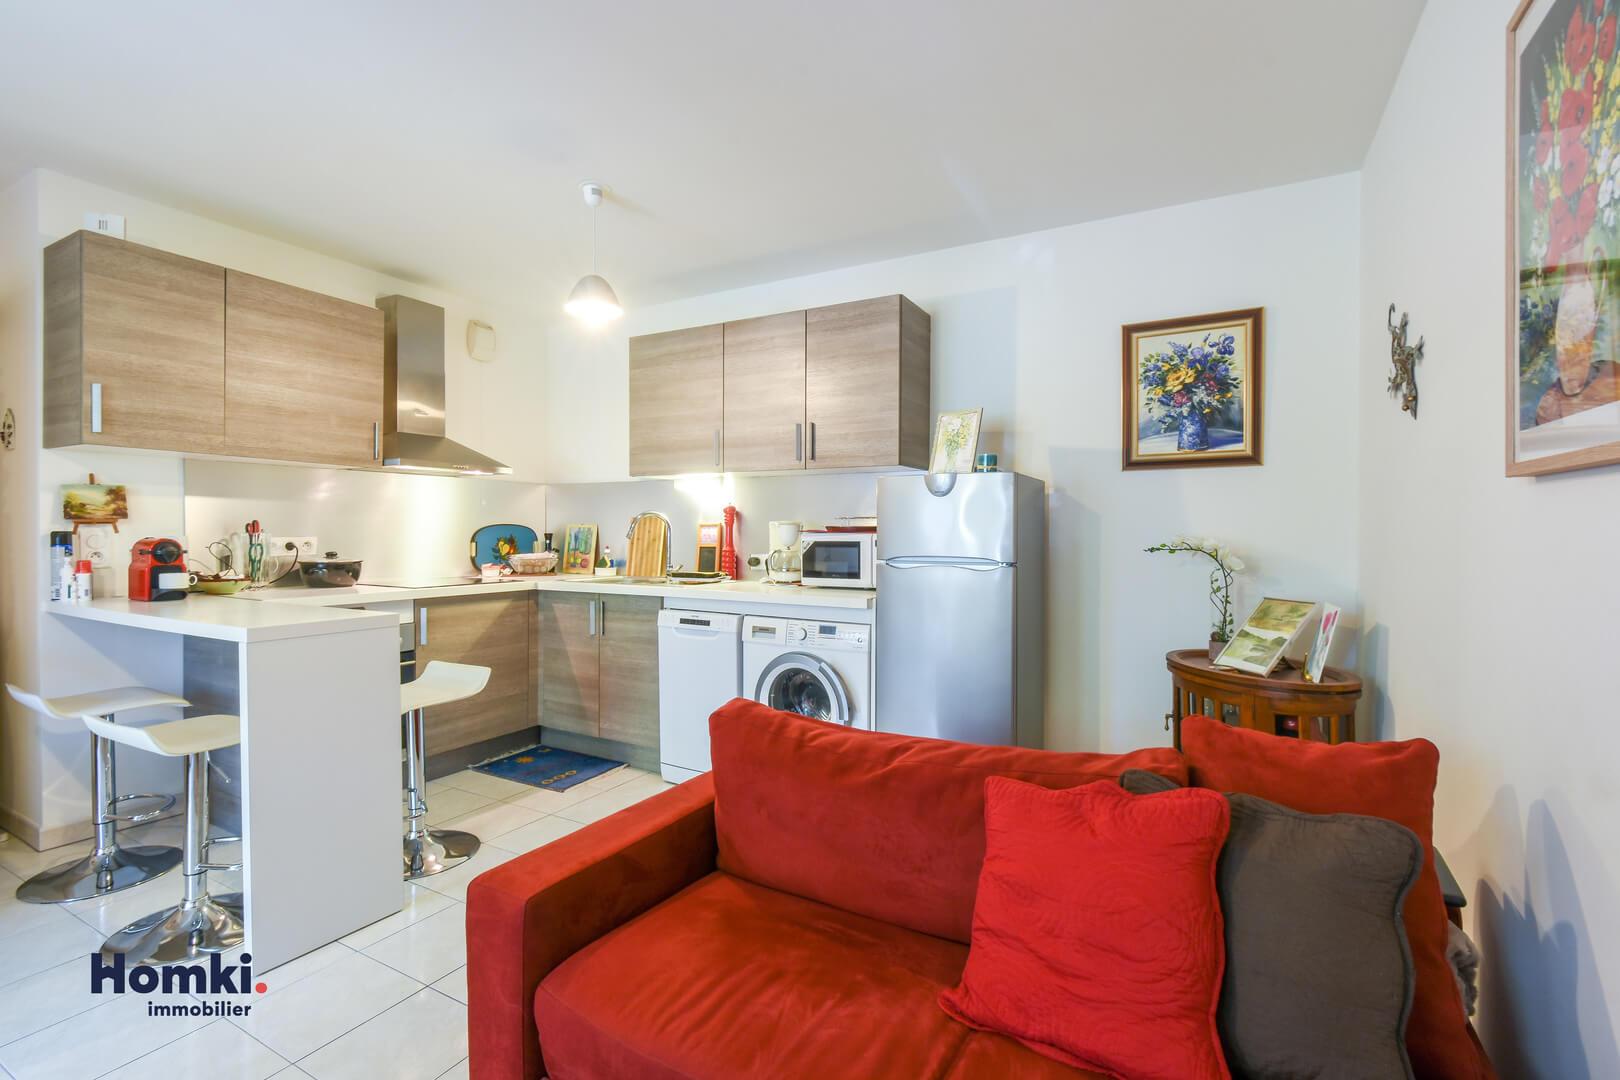 Vente appartement Saint Raphael T3 83700_6